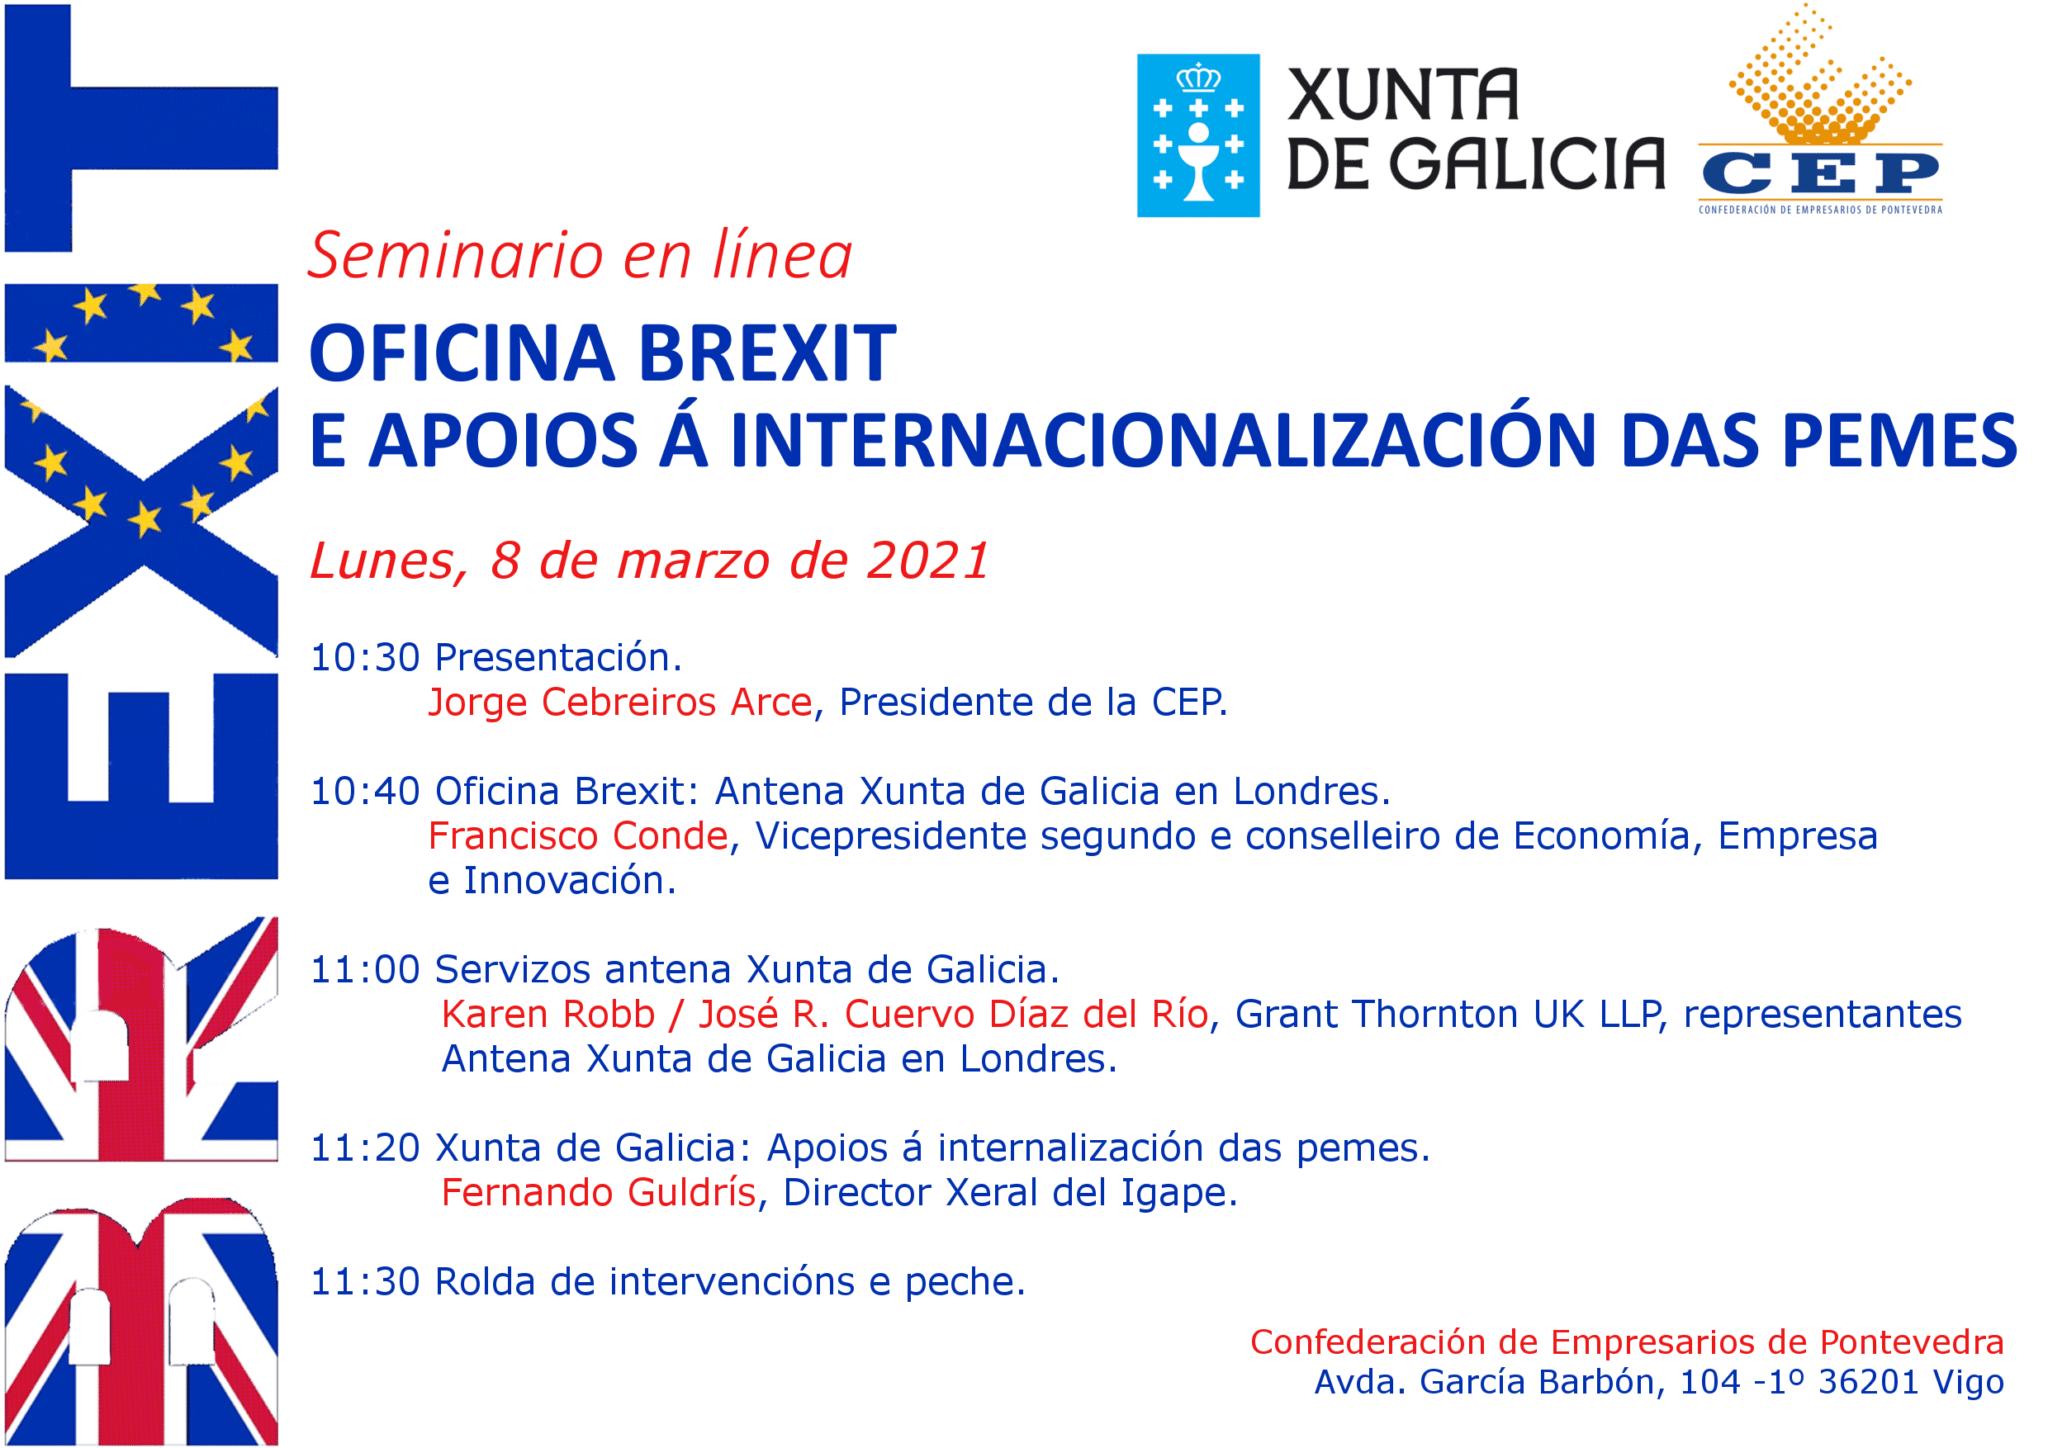 Seminario en línea Oficina Brexit e apoios á internacionalización das pemes